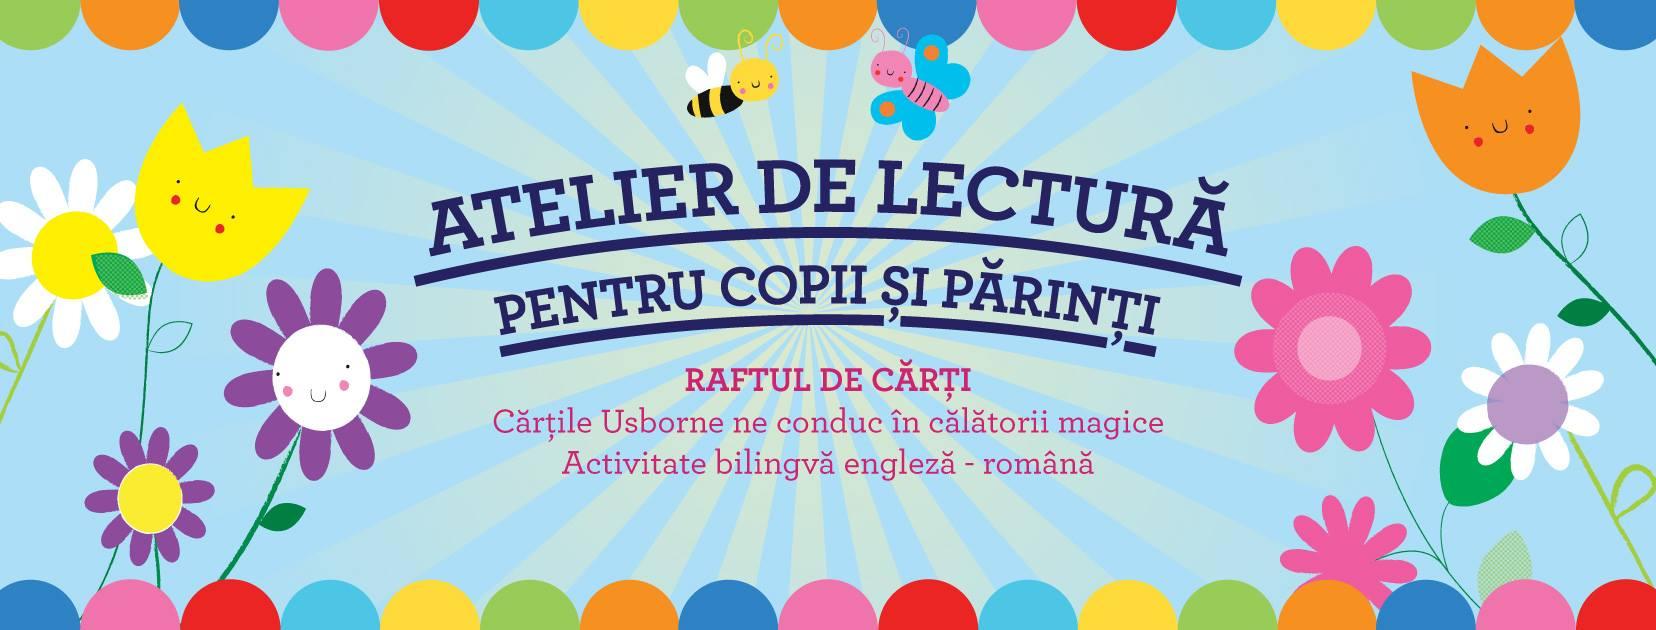 Atelier de lectura pentru copii si parinti